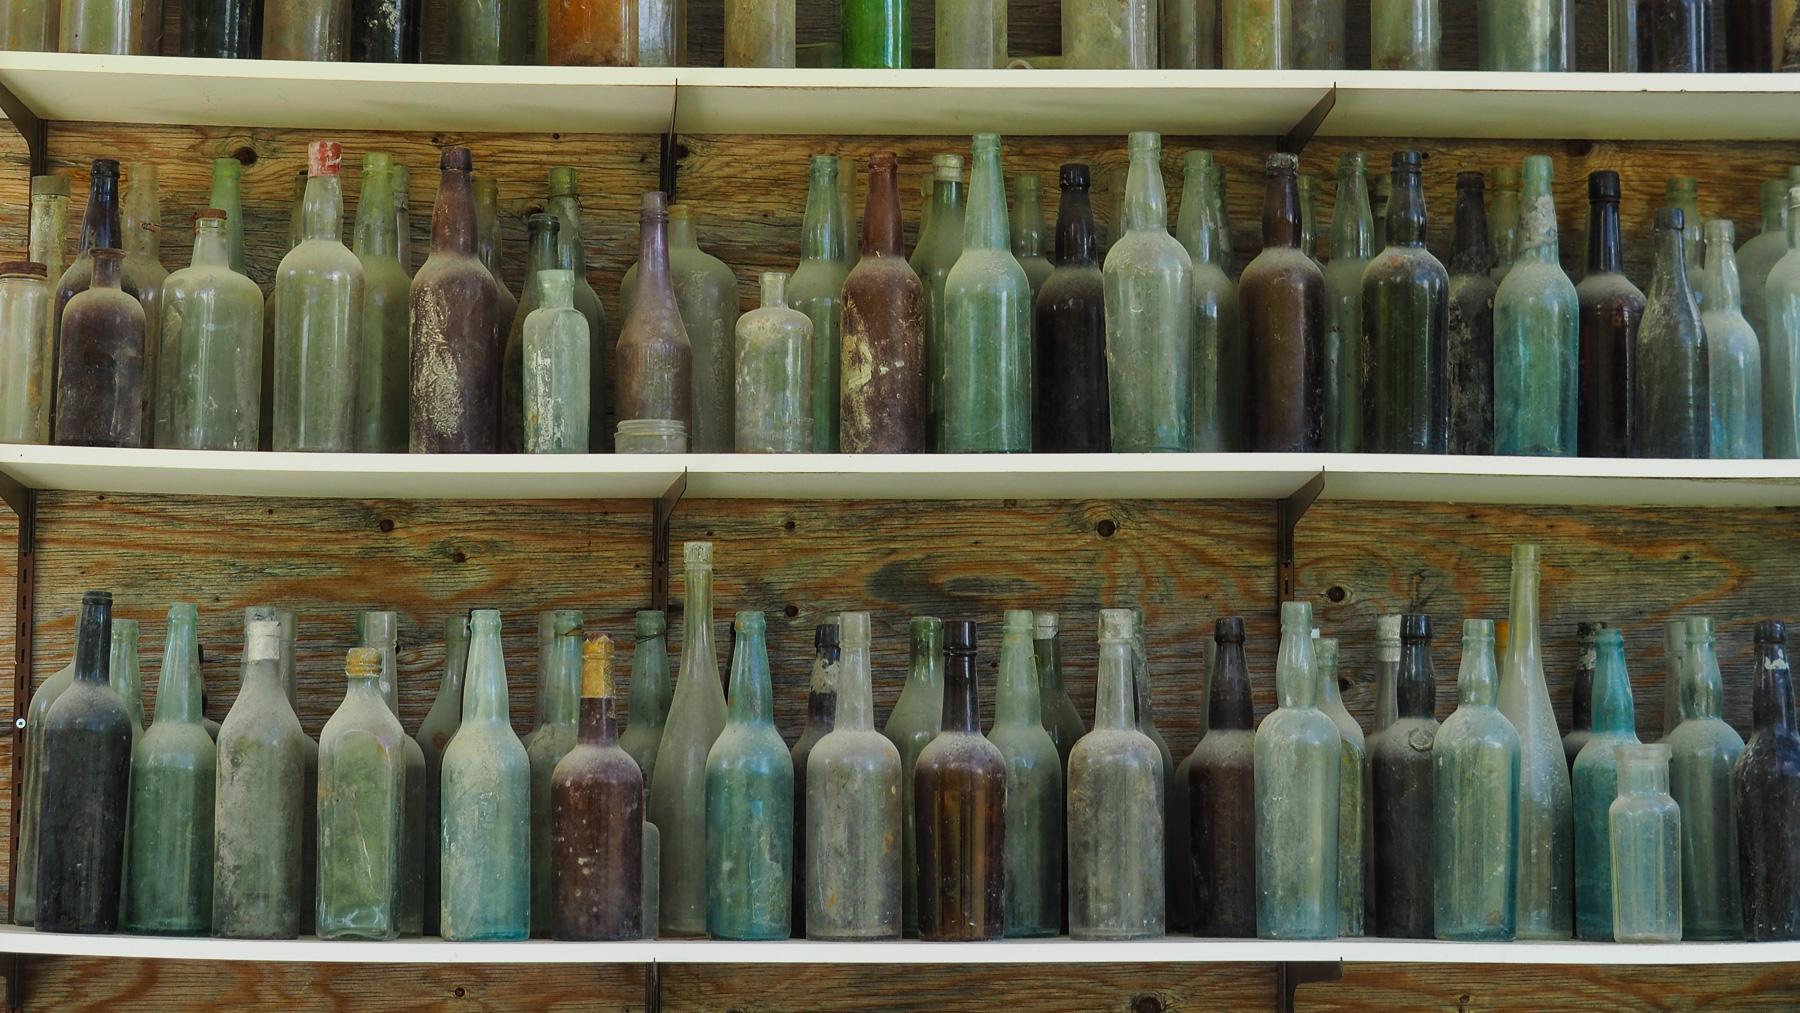 alte Bier- und Whiskeyflaschen